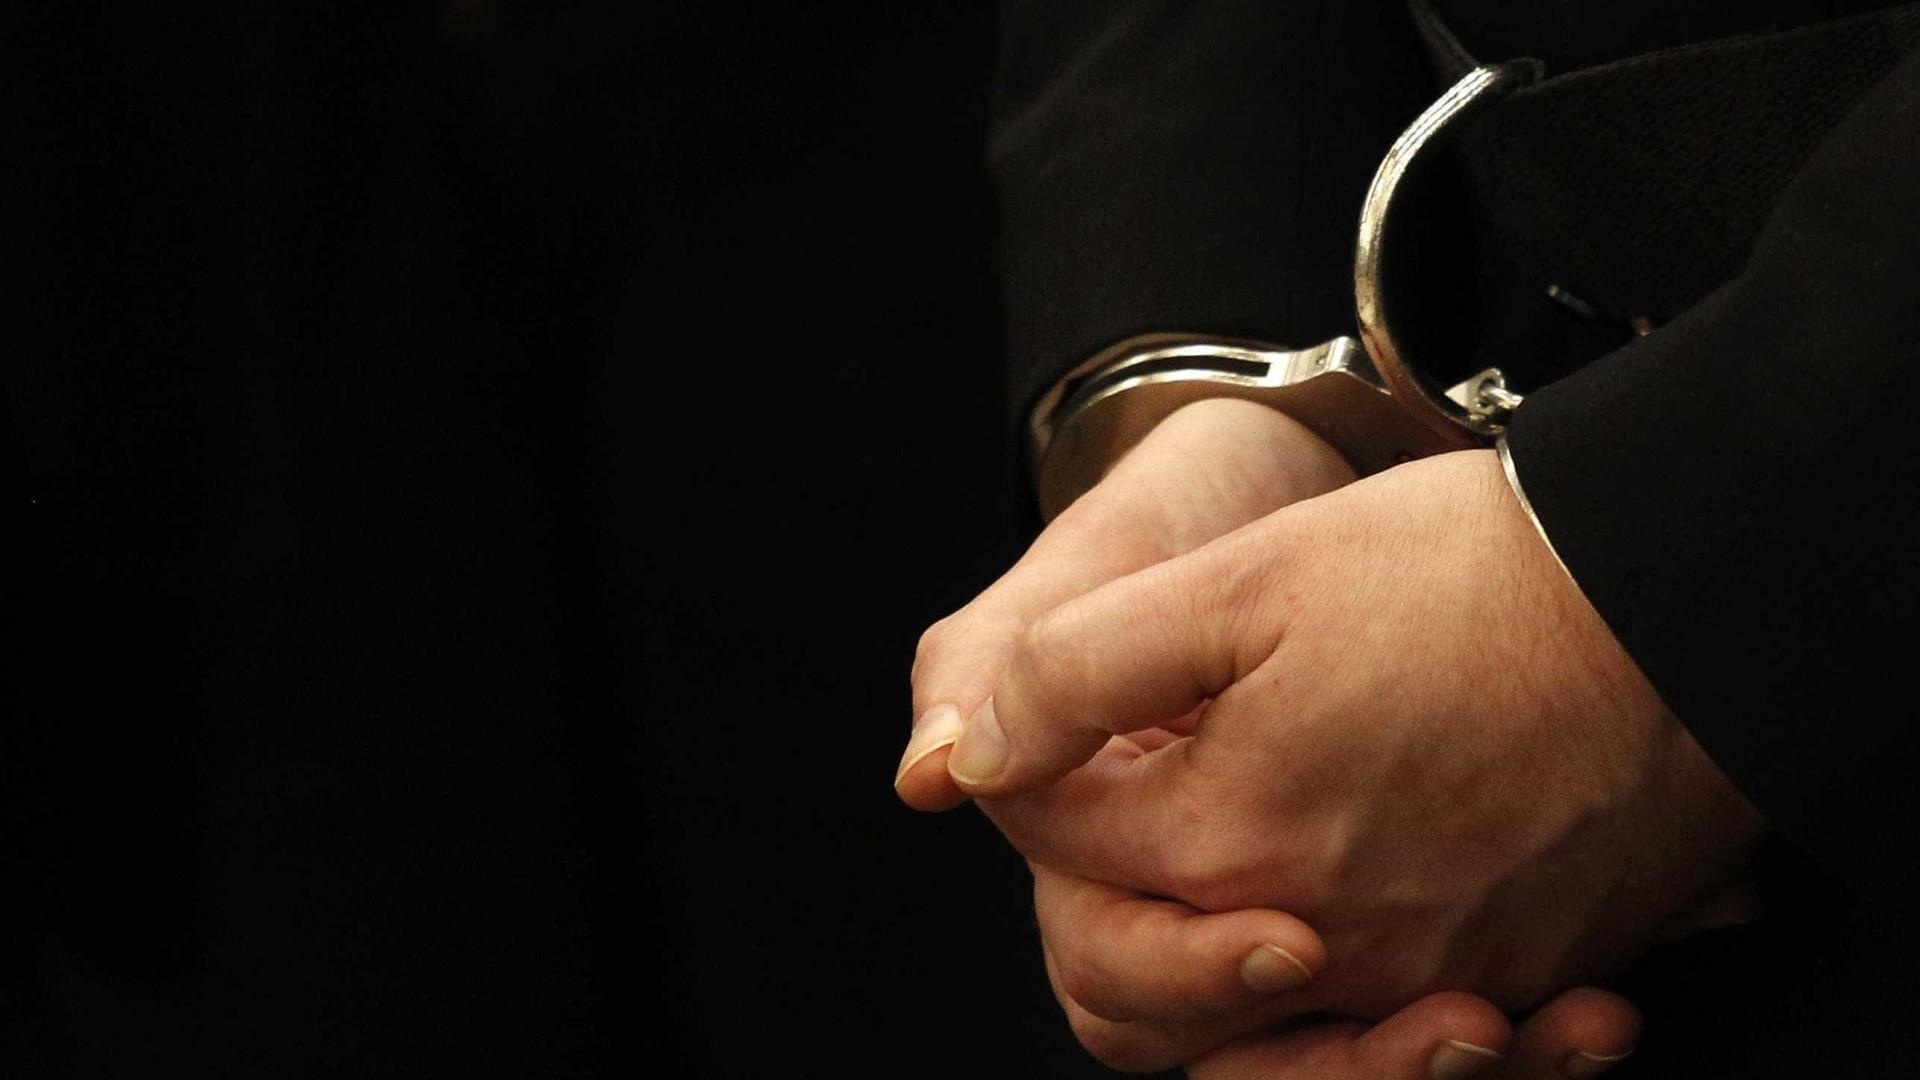 Prisão preventiva para suspeito de homicídio de mulher em Machico